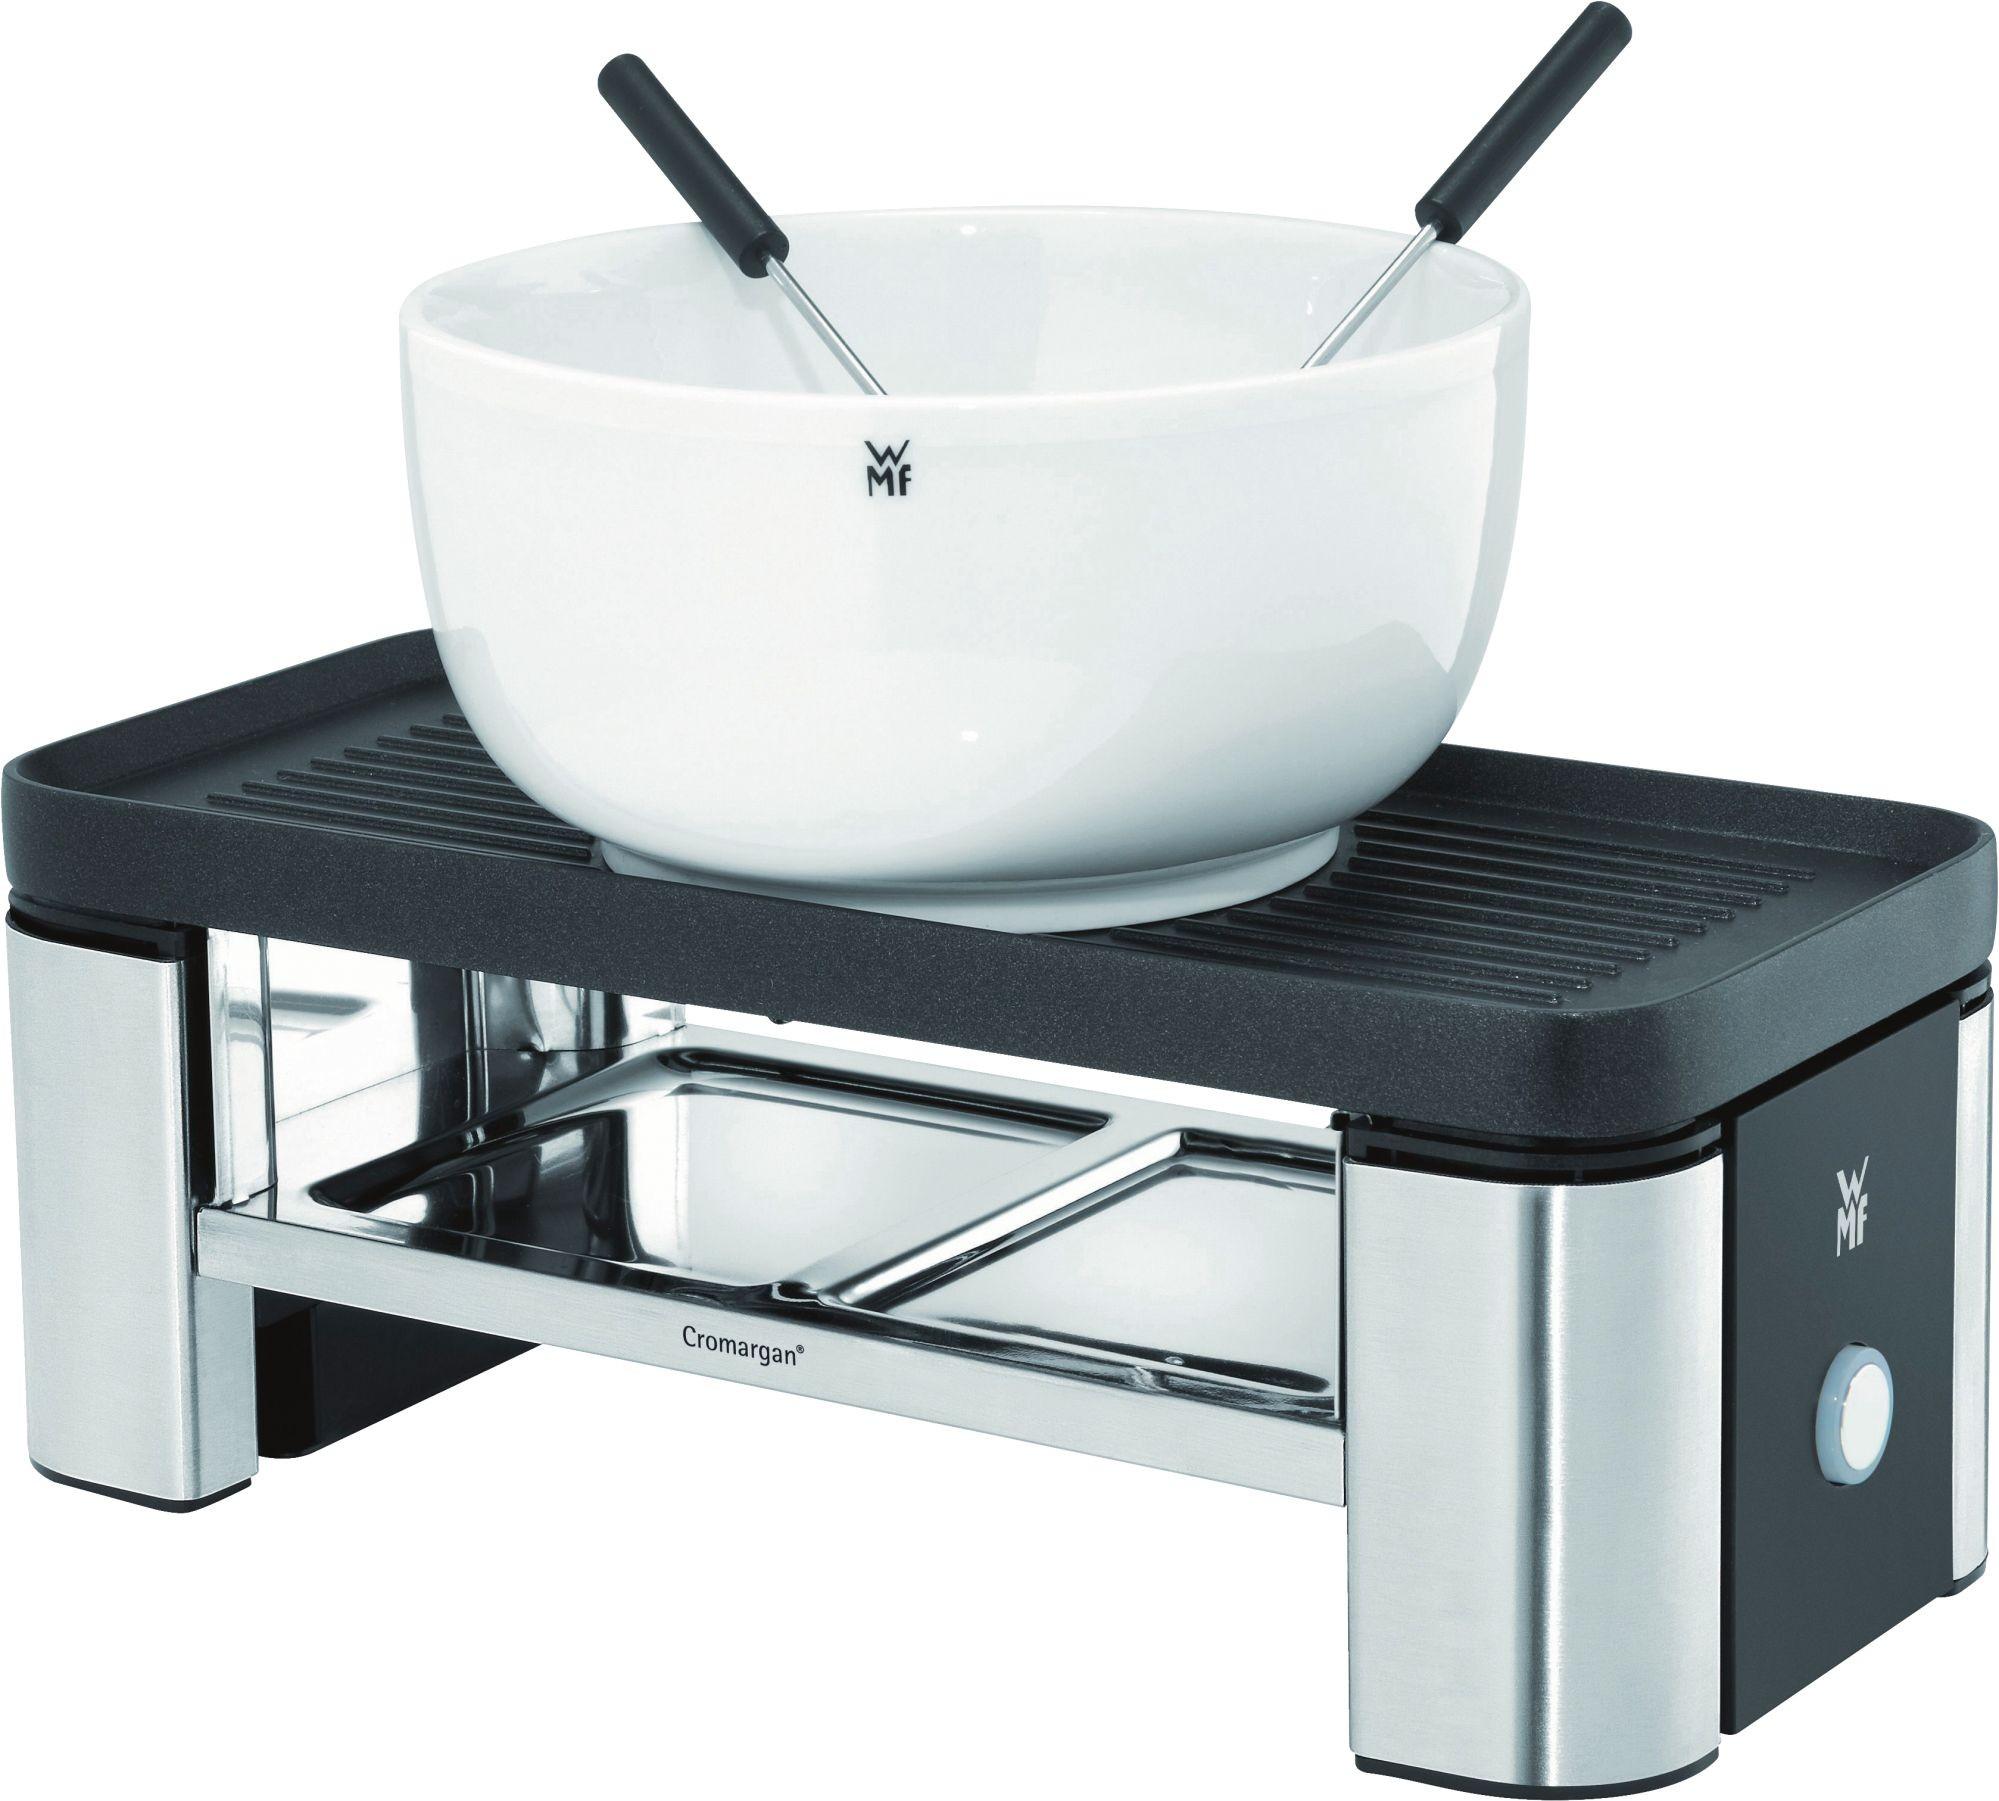 teamsix 2 er raclette cromargan wmf vertragsware. Black Bedroom Furniture Sets. Home Design Ideas